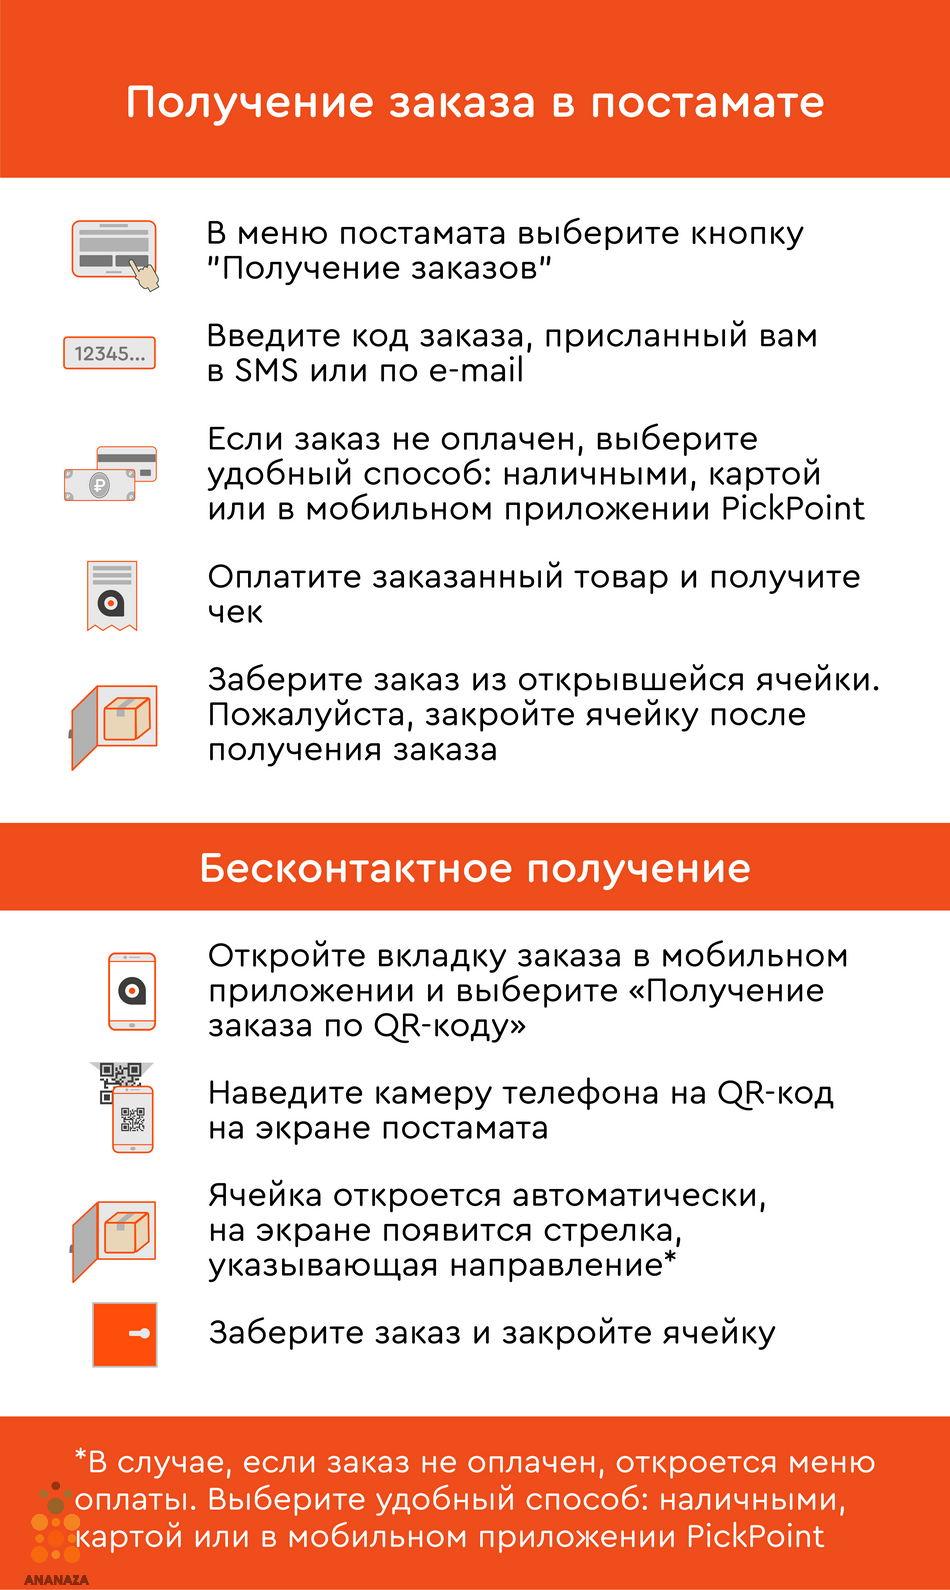 Инструкция_для_покупателей._Информация_размещается_на_сайте_интернет-магазина.jpg